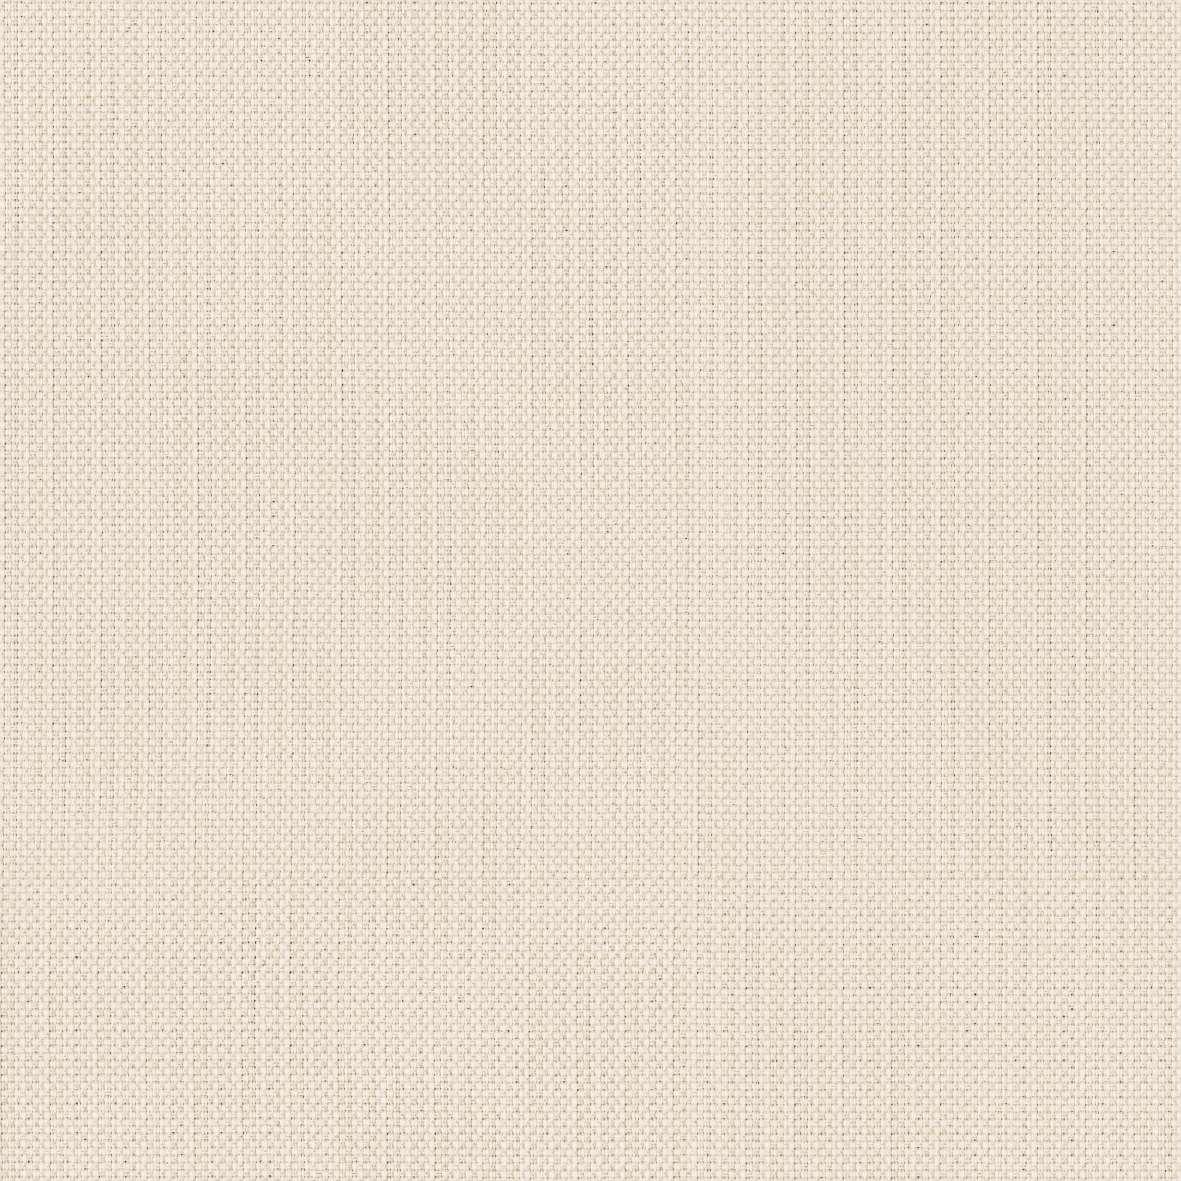 Lystet gardin med rynkebånd 1 stk. fra kolleksjonen Blackout (mørklegging), Stoffets bredde: 269-66